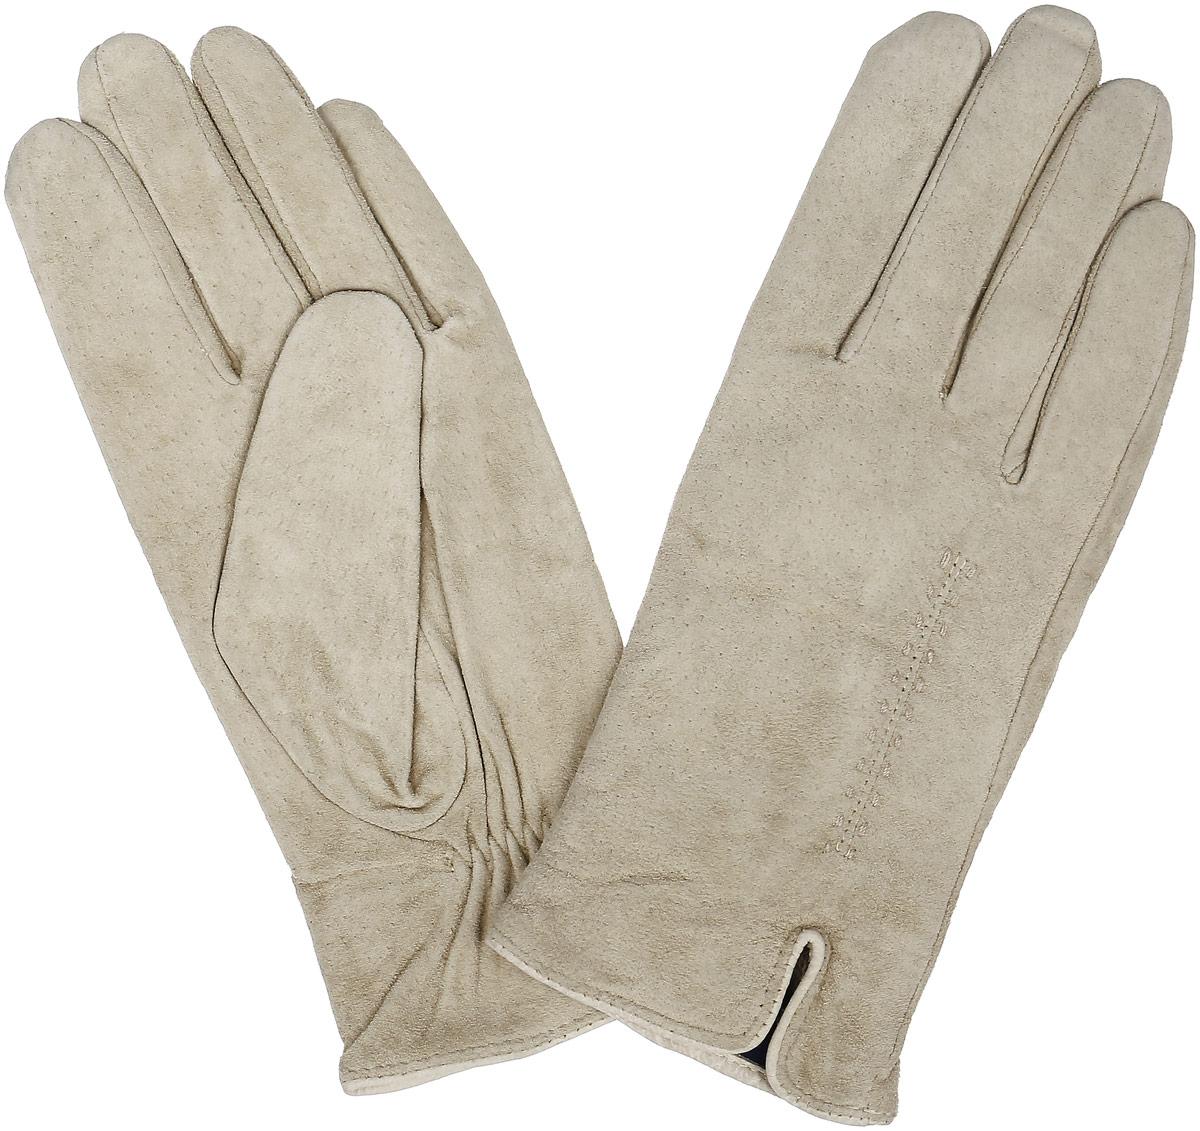 Перчатки женские Dali Exclusive, цвет: слоновая кость. S13_ALINA/BEIGE//11. Размер 7,5S13_ALINA/BEIGE//11Стильные перчатки Dali Exclusive с шерстяной подкладкой выполнены из мягкой и приятной на ощупь натуральной замши. Лицевая сторона оформлена декоративными стежками и дополнена небольшим разрезом. Такие перчатки подчеркнут ваш стиль и неповторимость и придадут всему образу нотки женственности и элегантности.